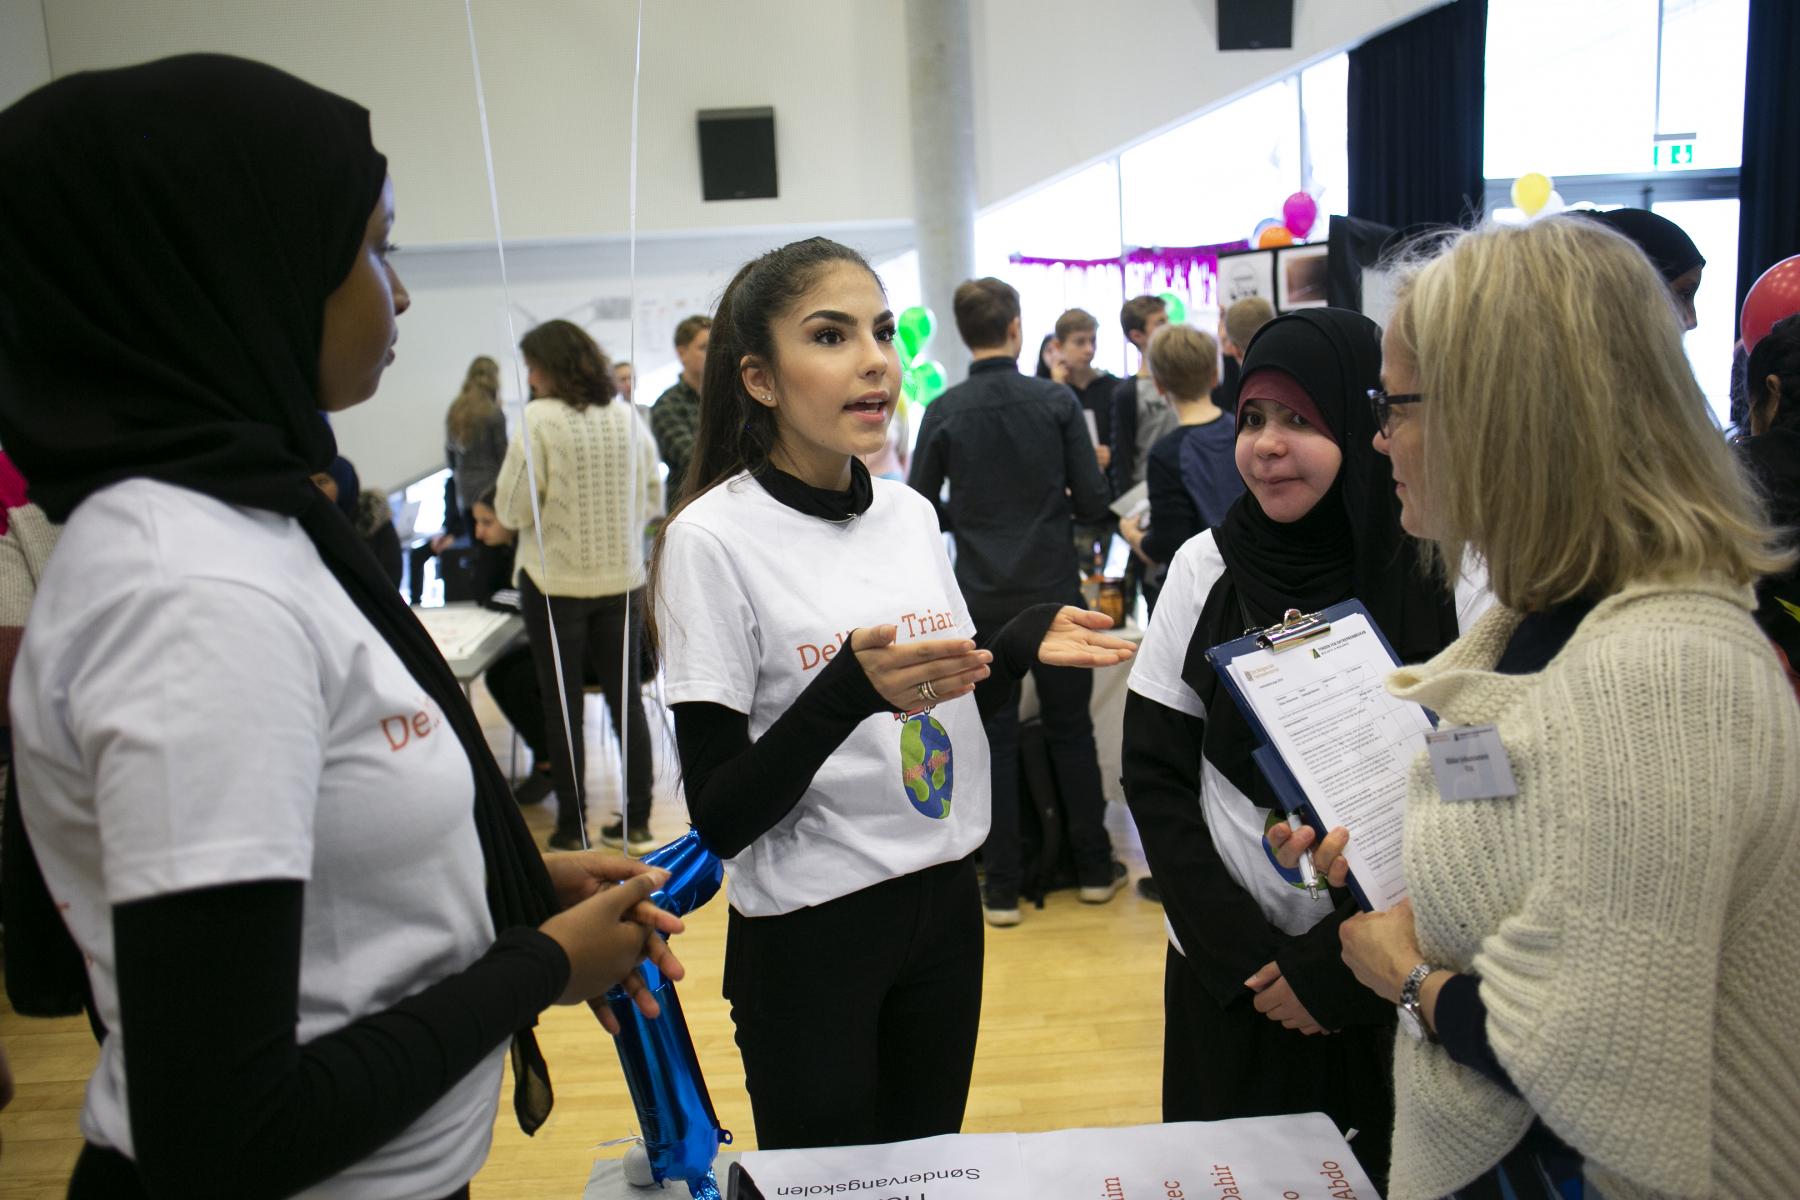 Elever fra skoler i Aarhus pincher deres idéer for dommerne.Den 11. april 2019 afholdes den første konkurrence i projektet Iværksætterunge. Iværksætterunge har til formål at give elever i 7.-9. klasse iværksætterkompetencer og -erfaringer og at give dem et sted, hvor de kan omsætte teori til praksis. På den måde er eleverne med til at skabe en iværksætterkultur i udsatte boligområder i Aarhus.